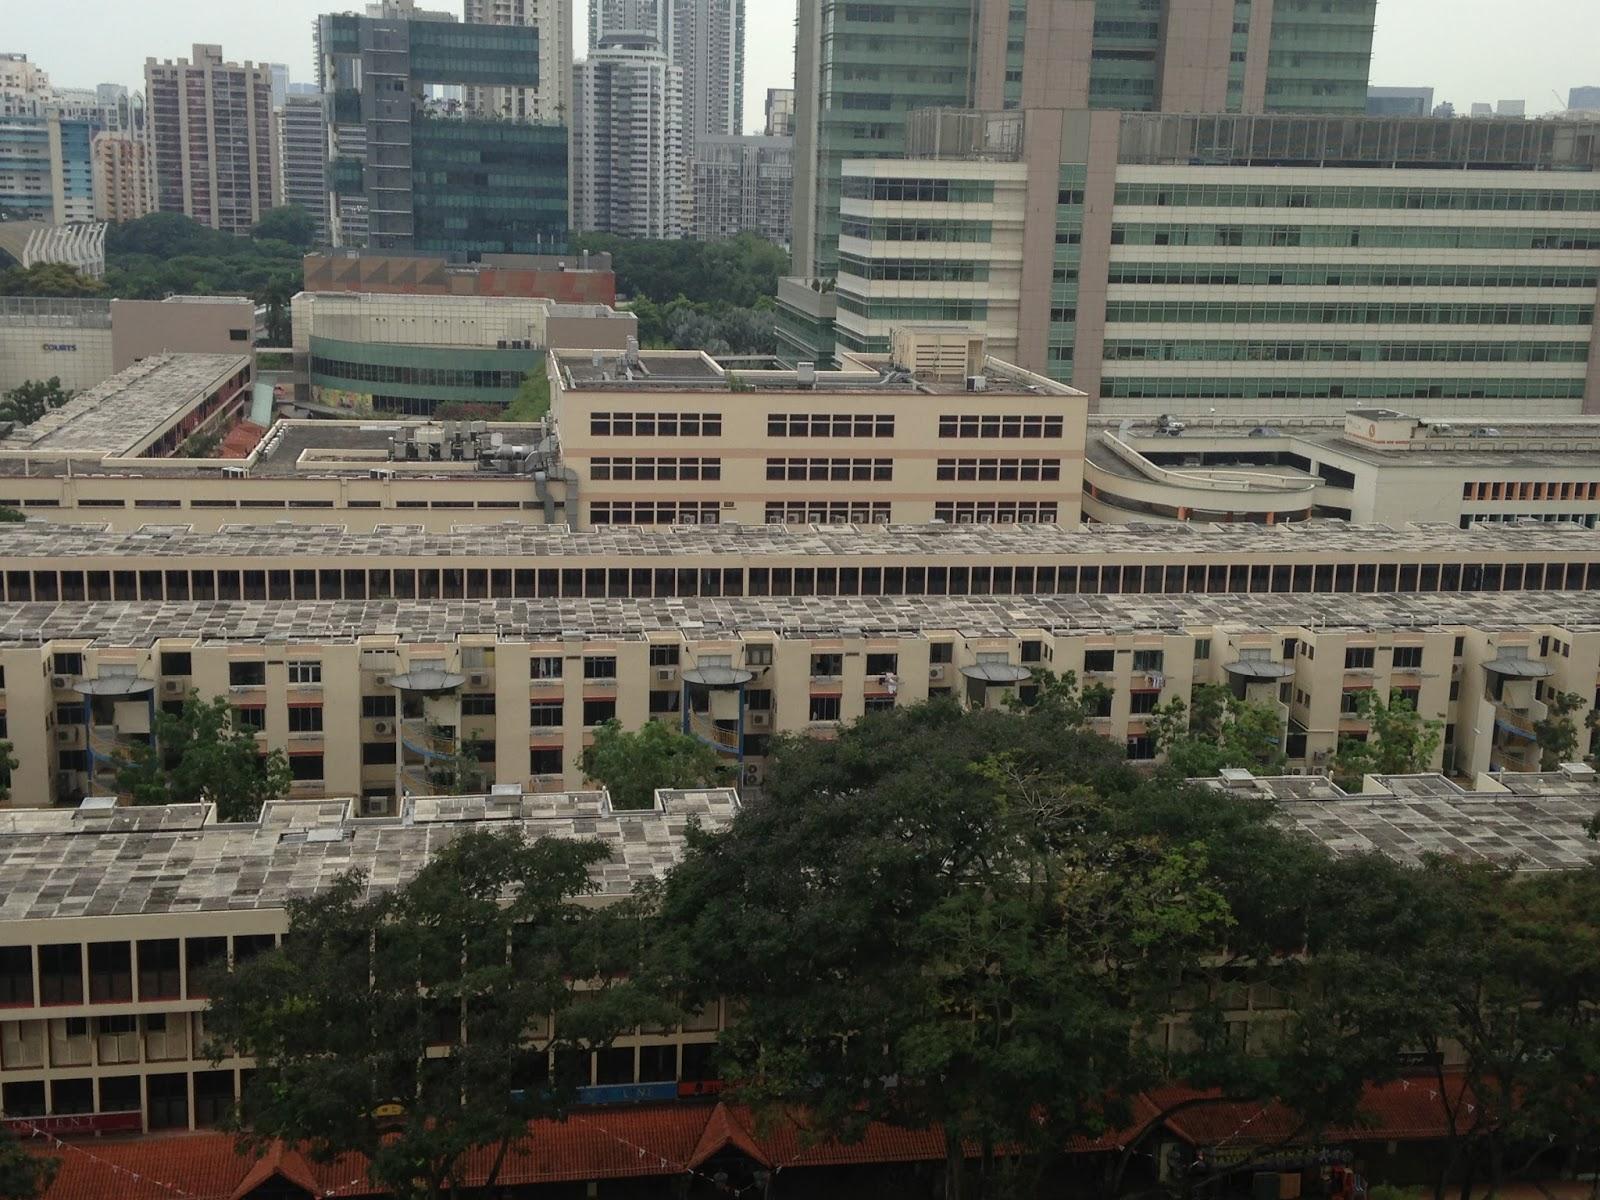 シンガポール日本人学校 [小学部・中学部] 学校・周辺環境